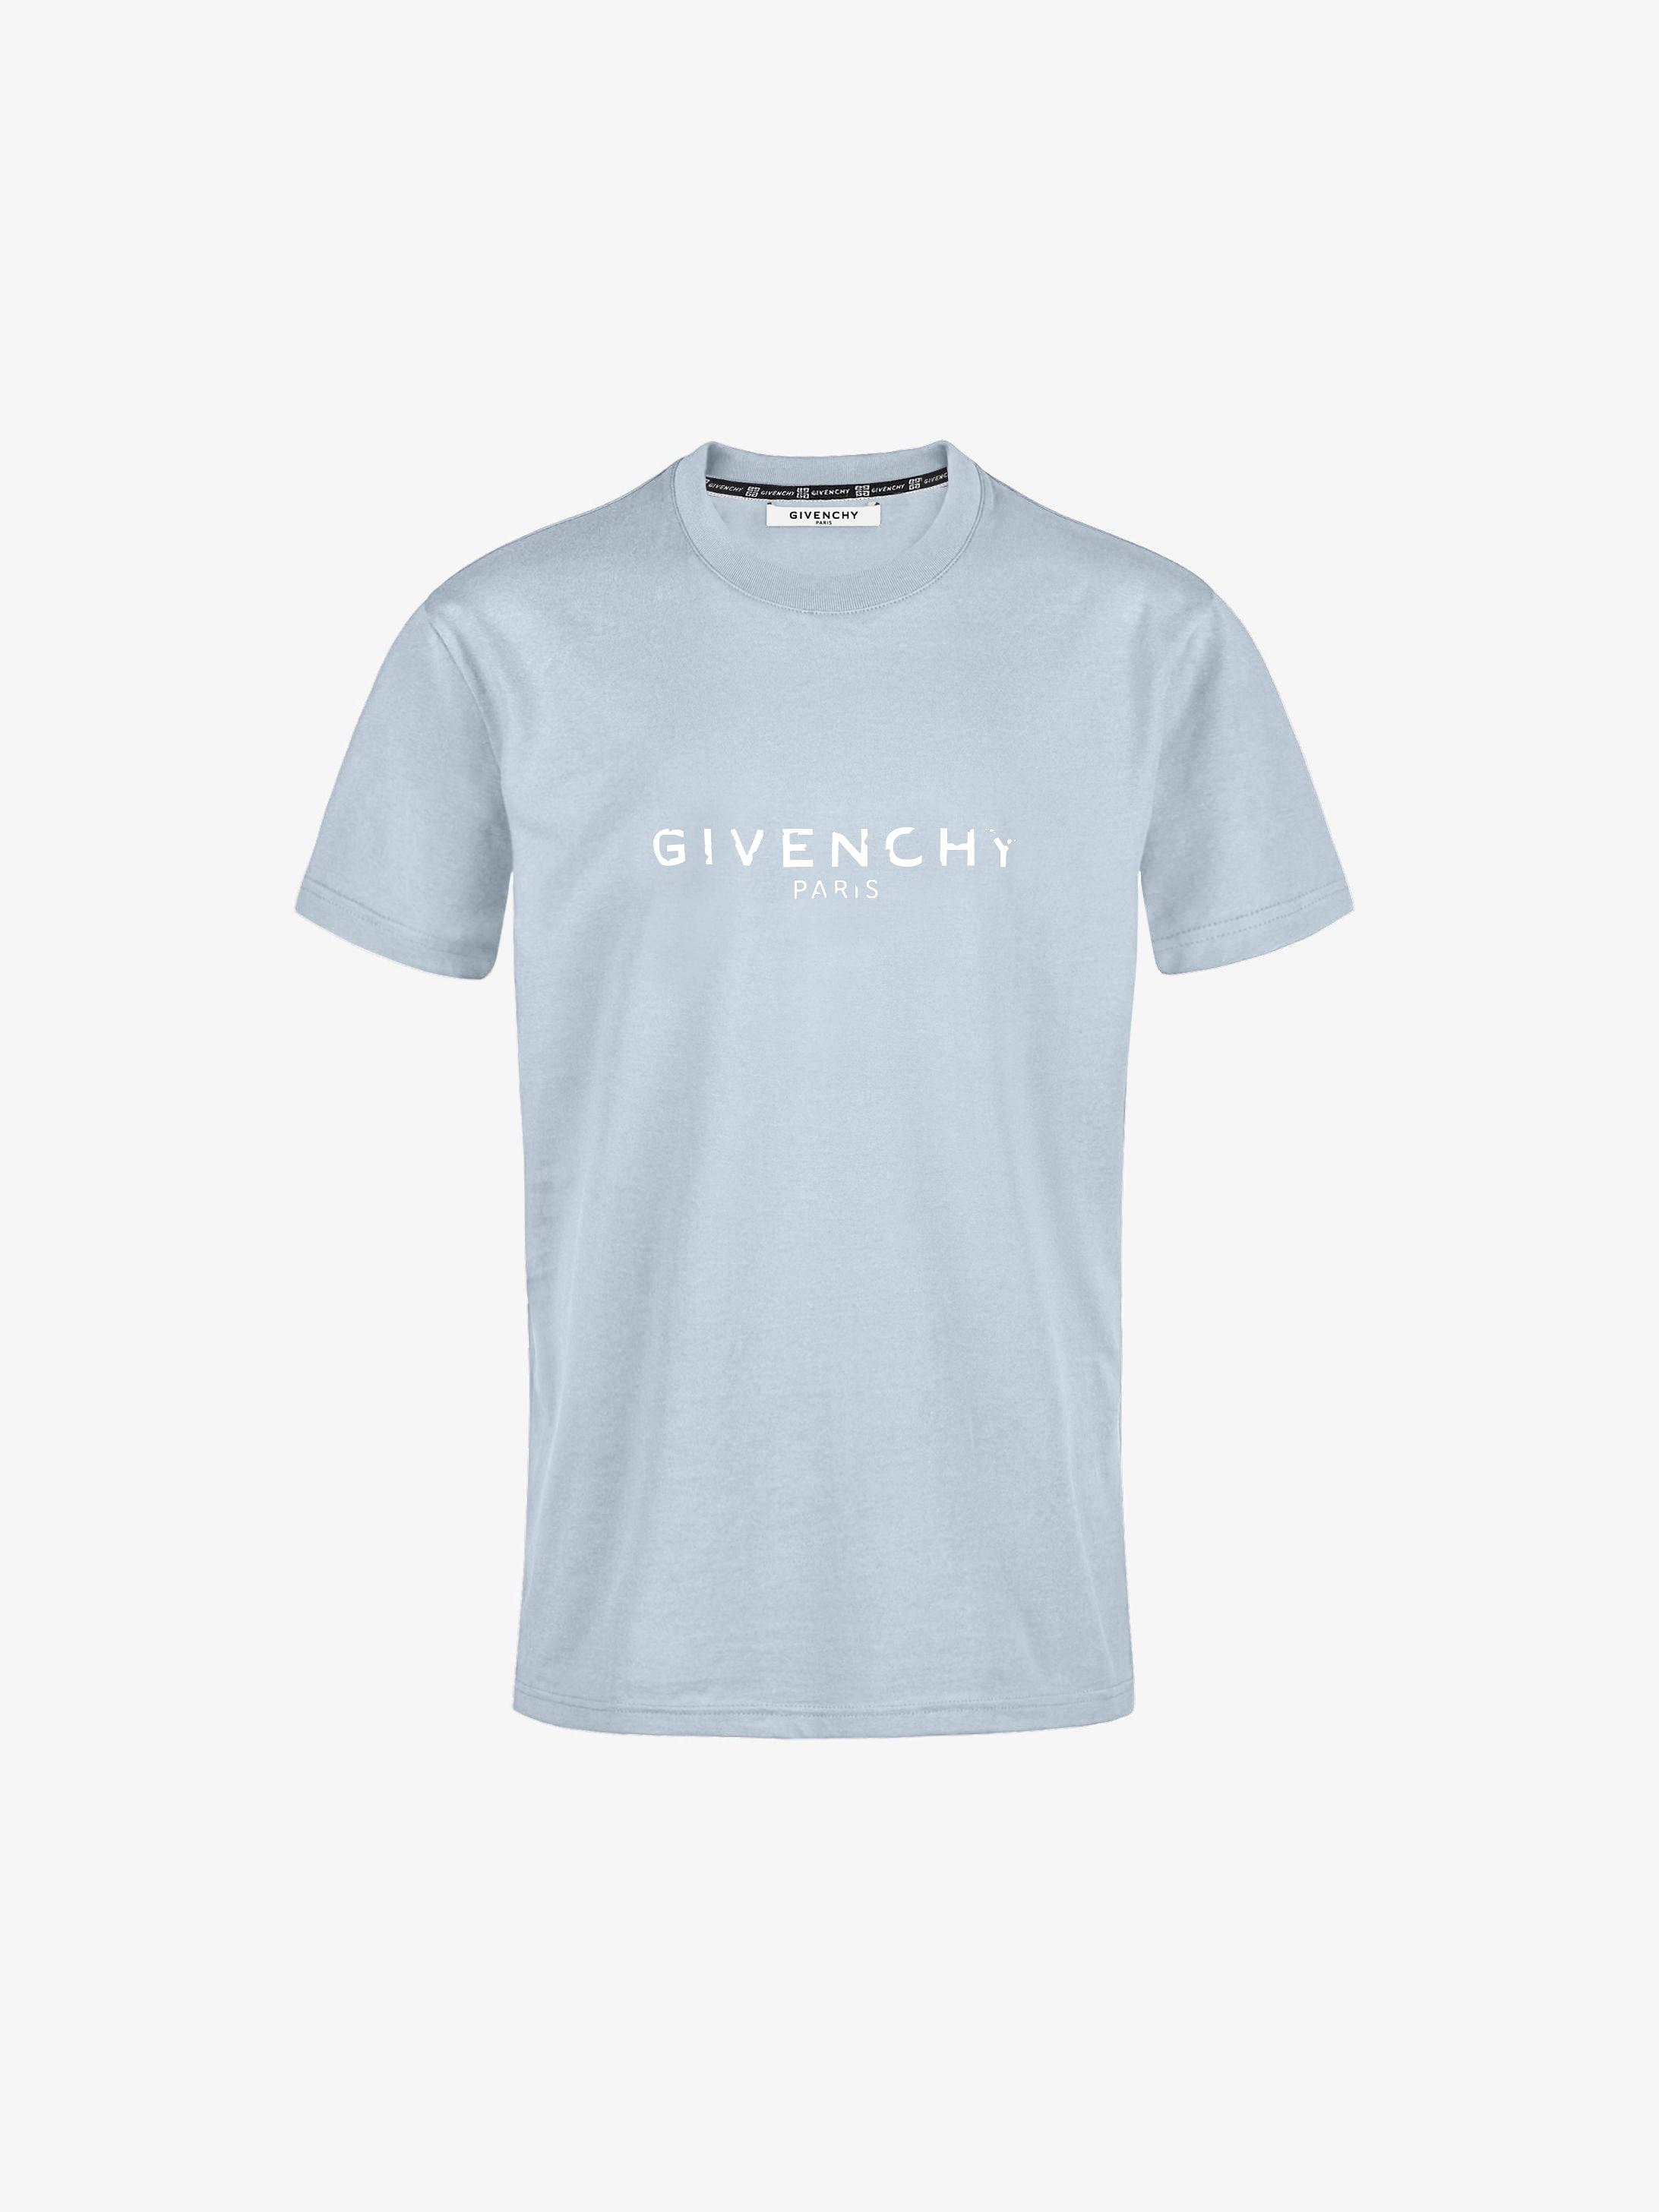 GIVENCHY PARIS vintage slim fit T-shirt